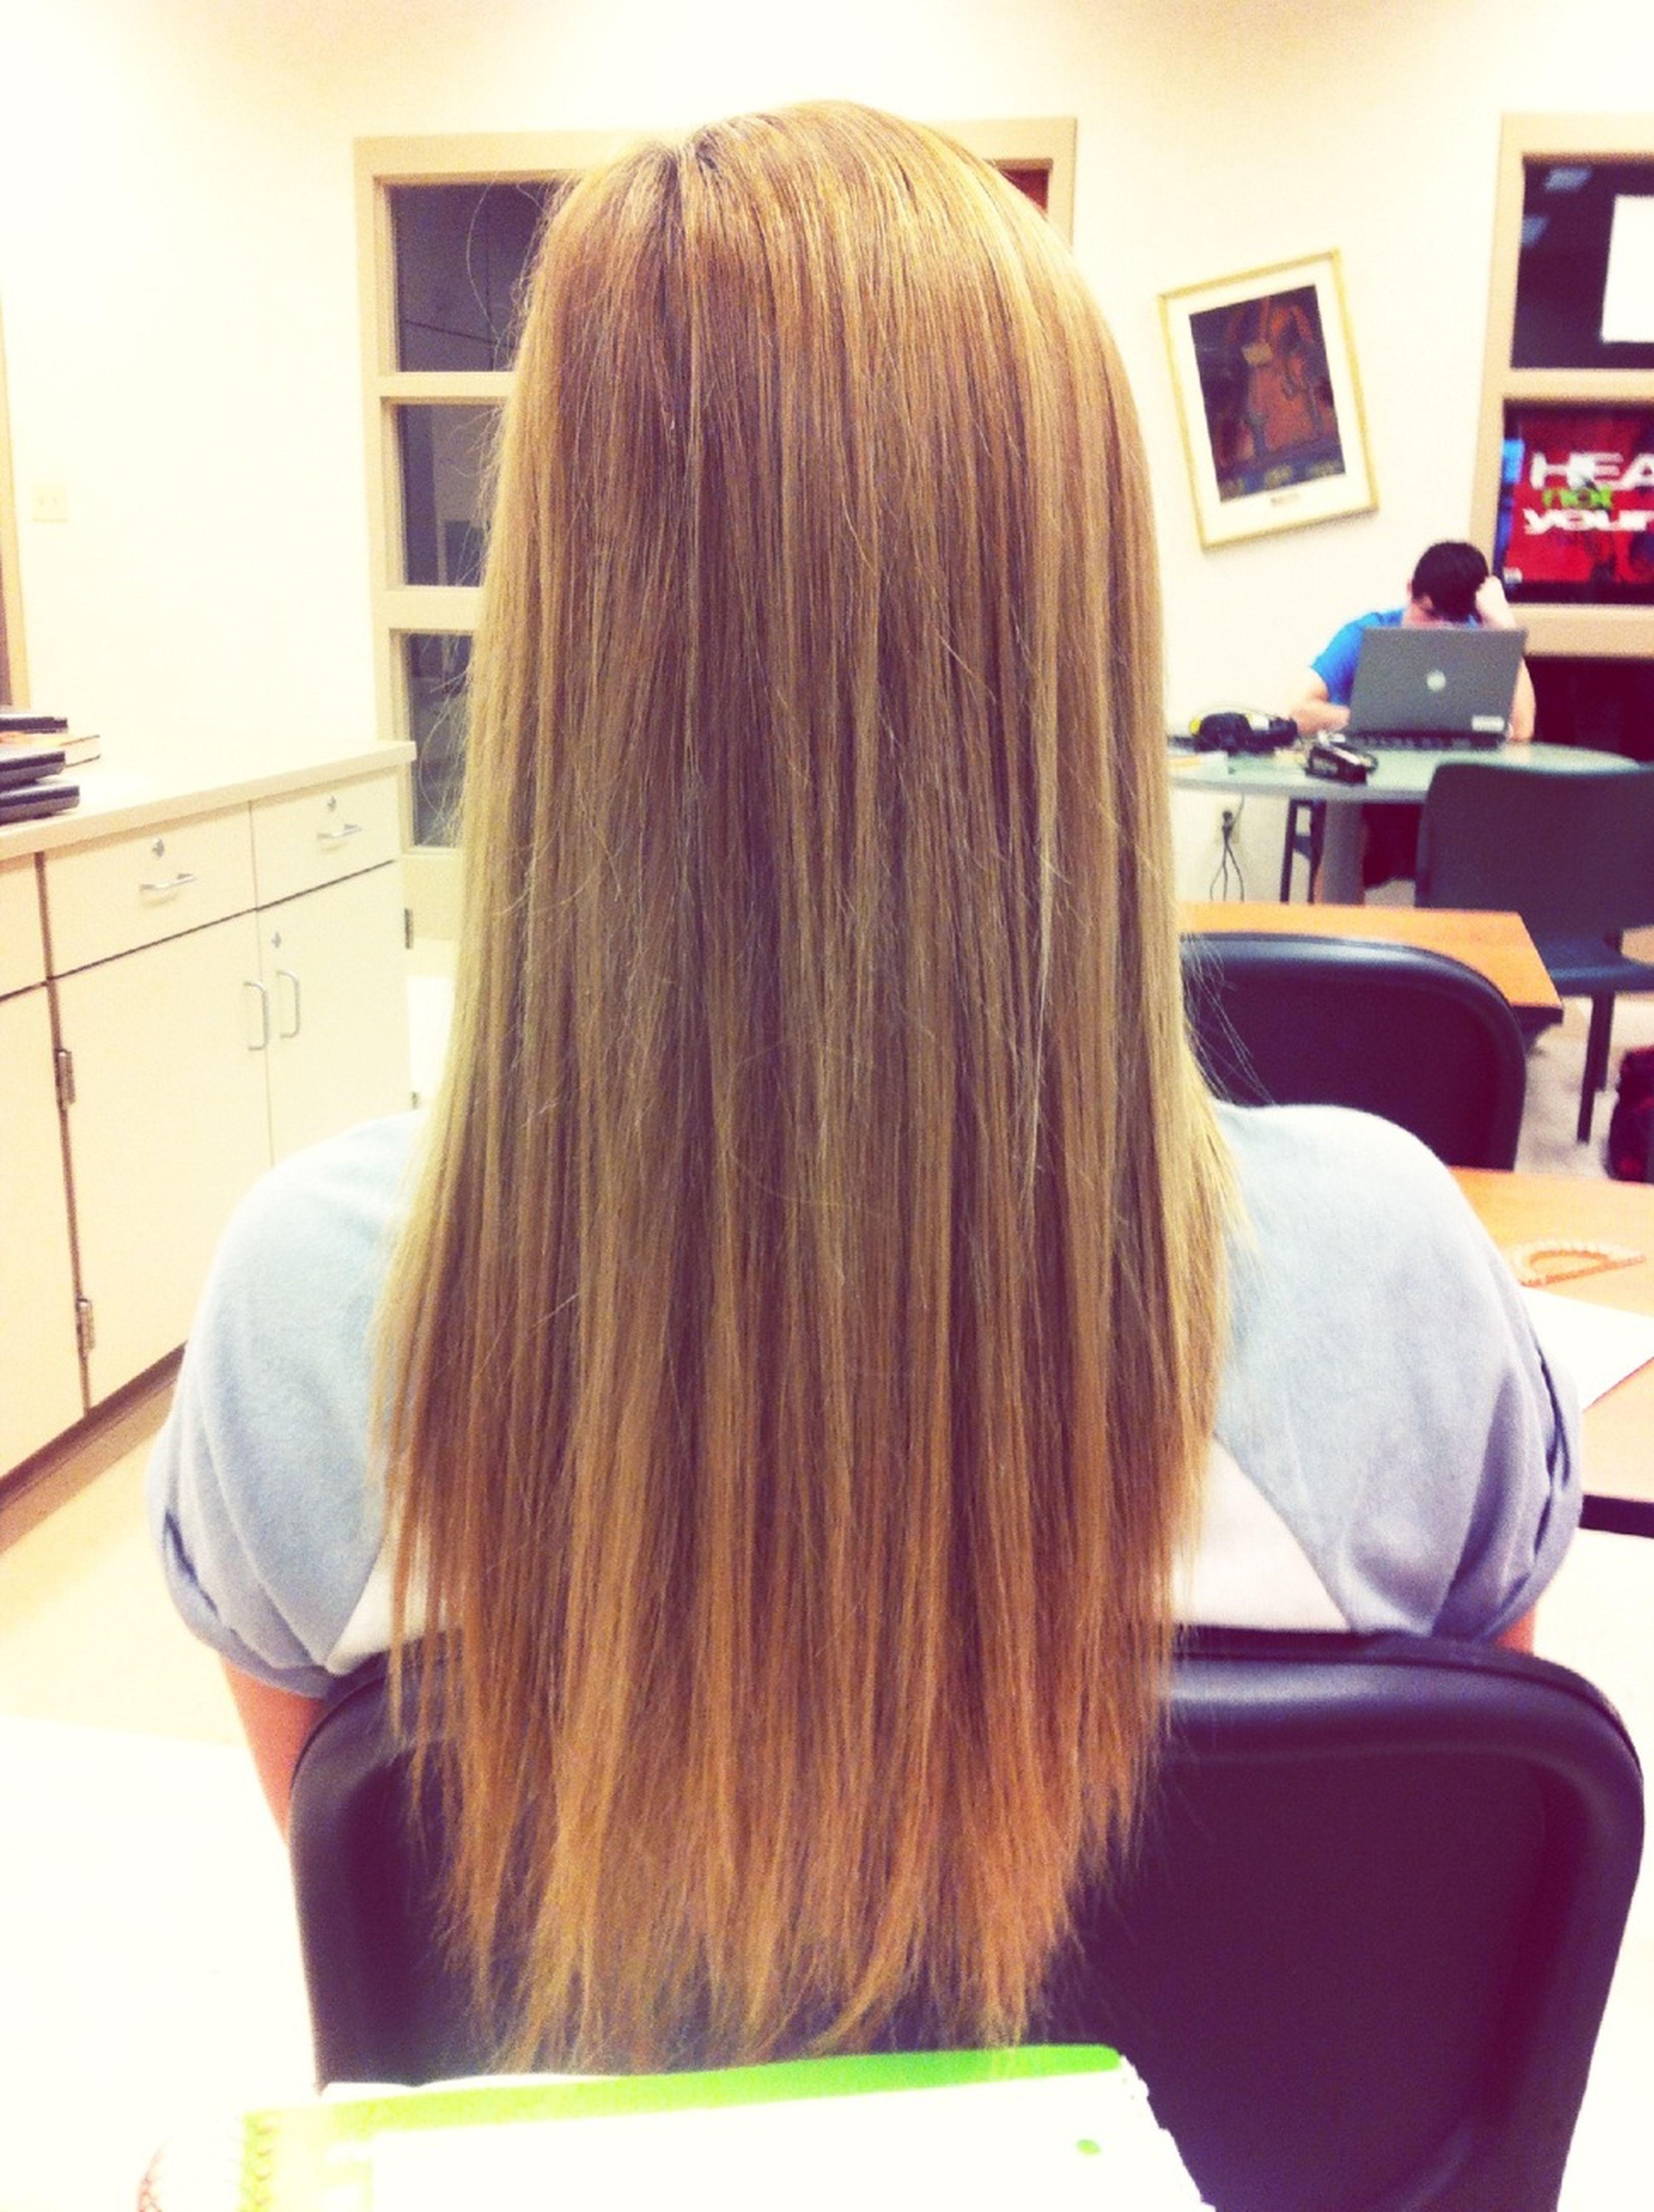 Hairs Lookin Long Todaaaaay